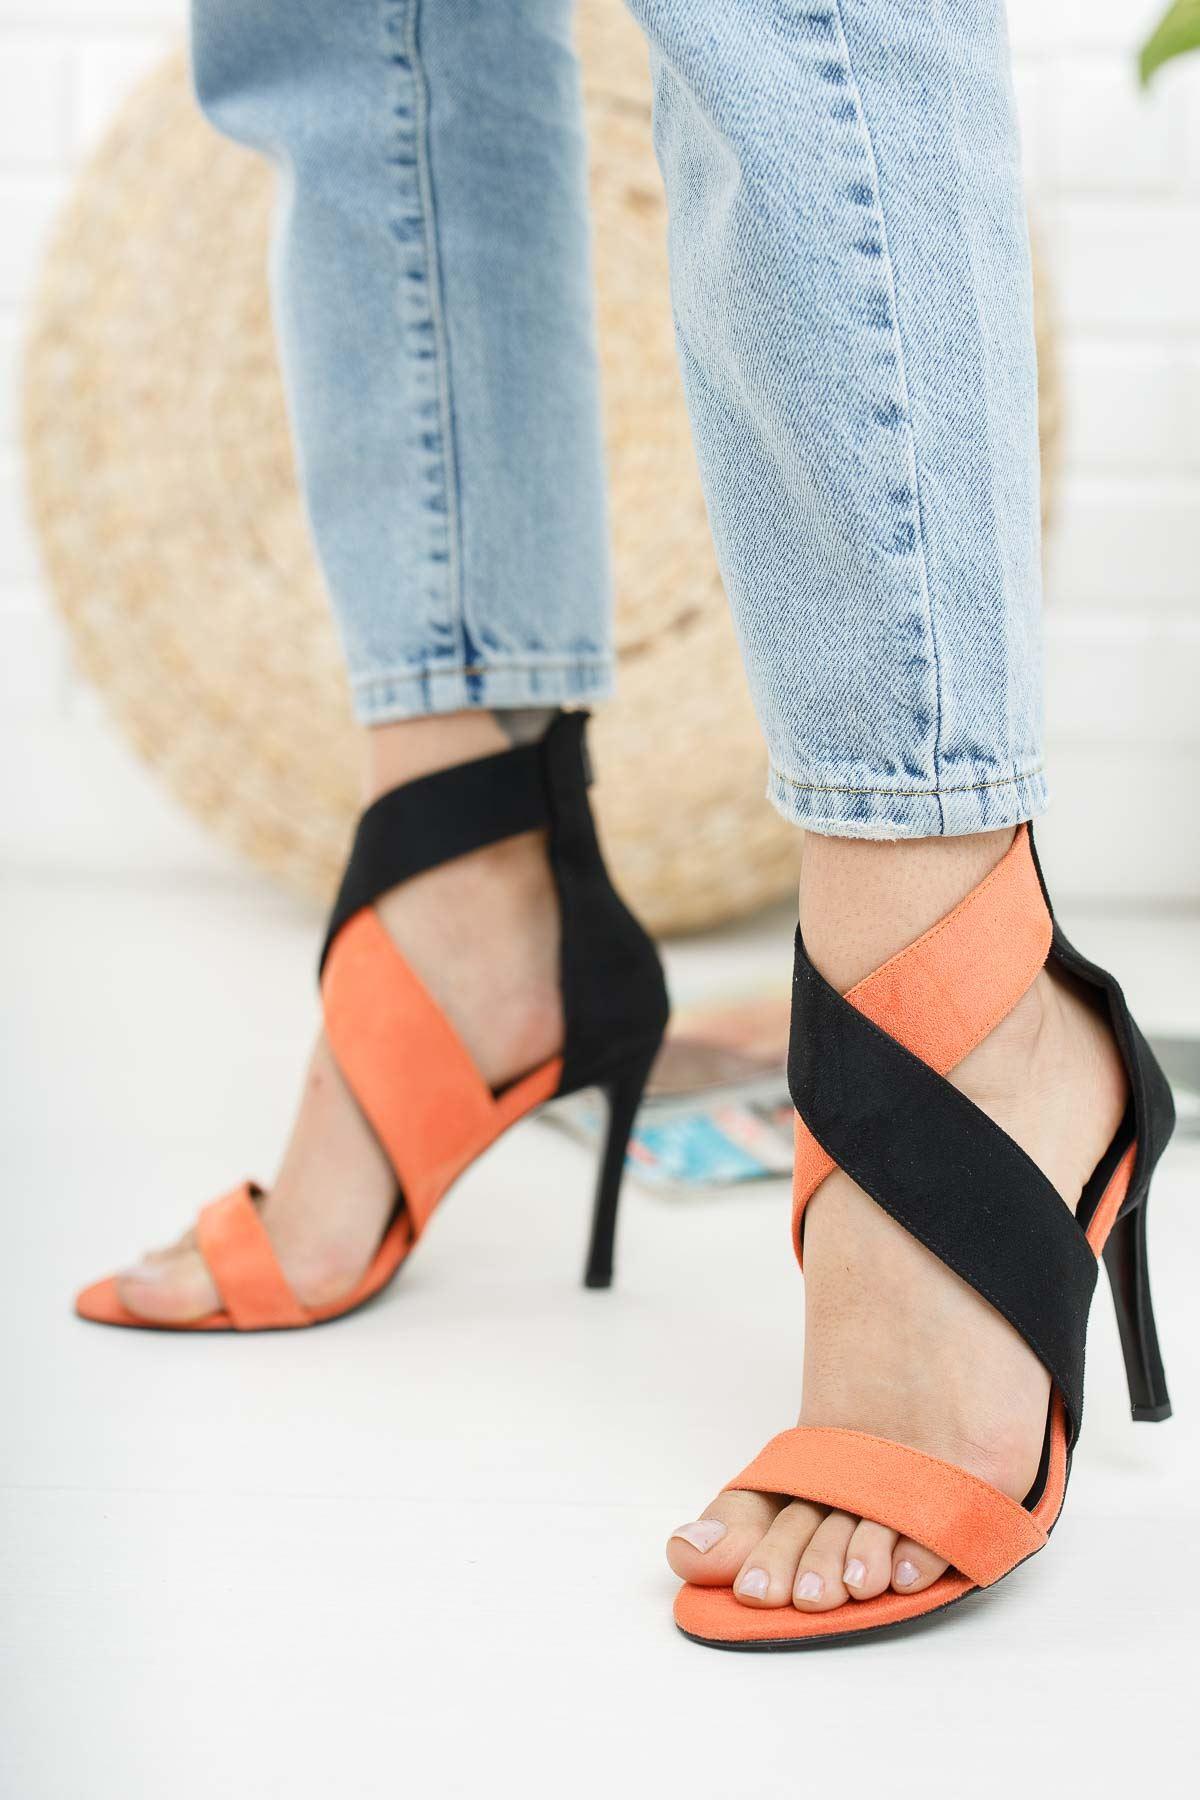 Bloom Siyah Turuncu Süet Topuklu Kadın Ayakkabı